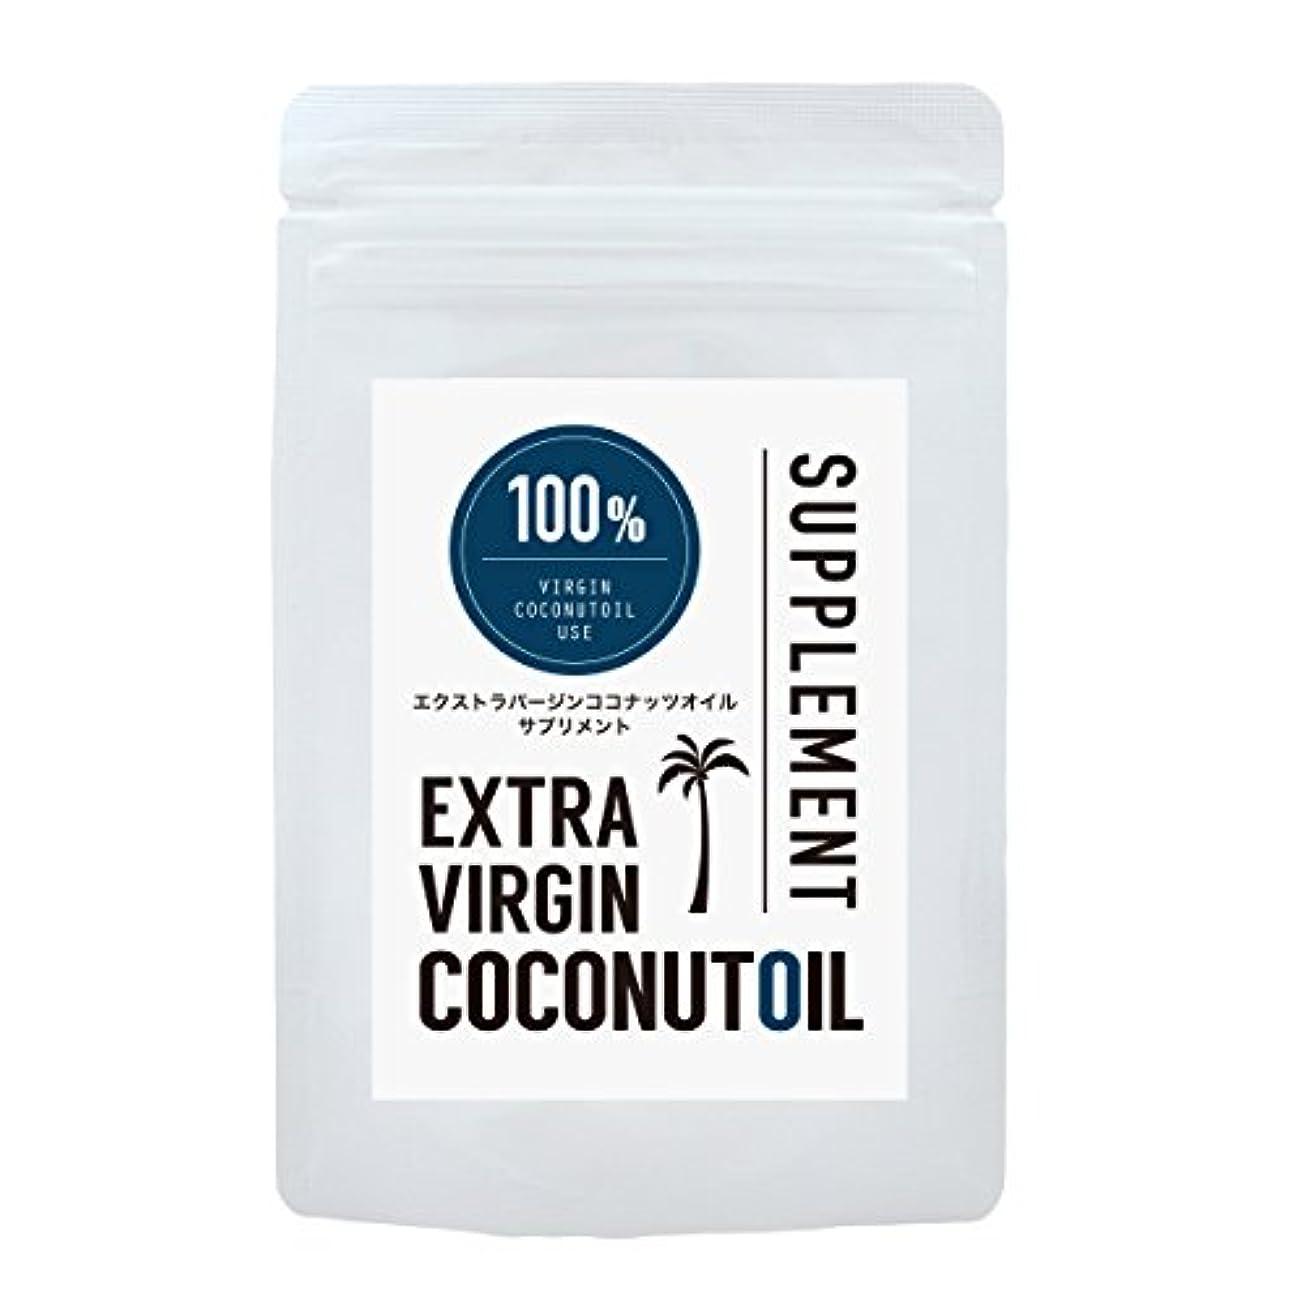 ディーラー崇拝する年次エクストラヴァージン ココナッツオイル サプリメント 90粒入り 無臭 カプセルタイプ